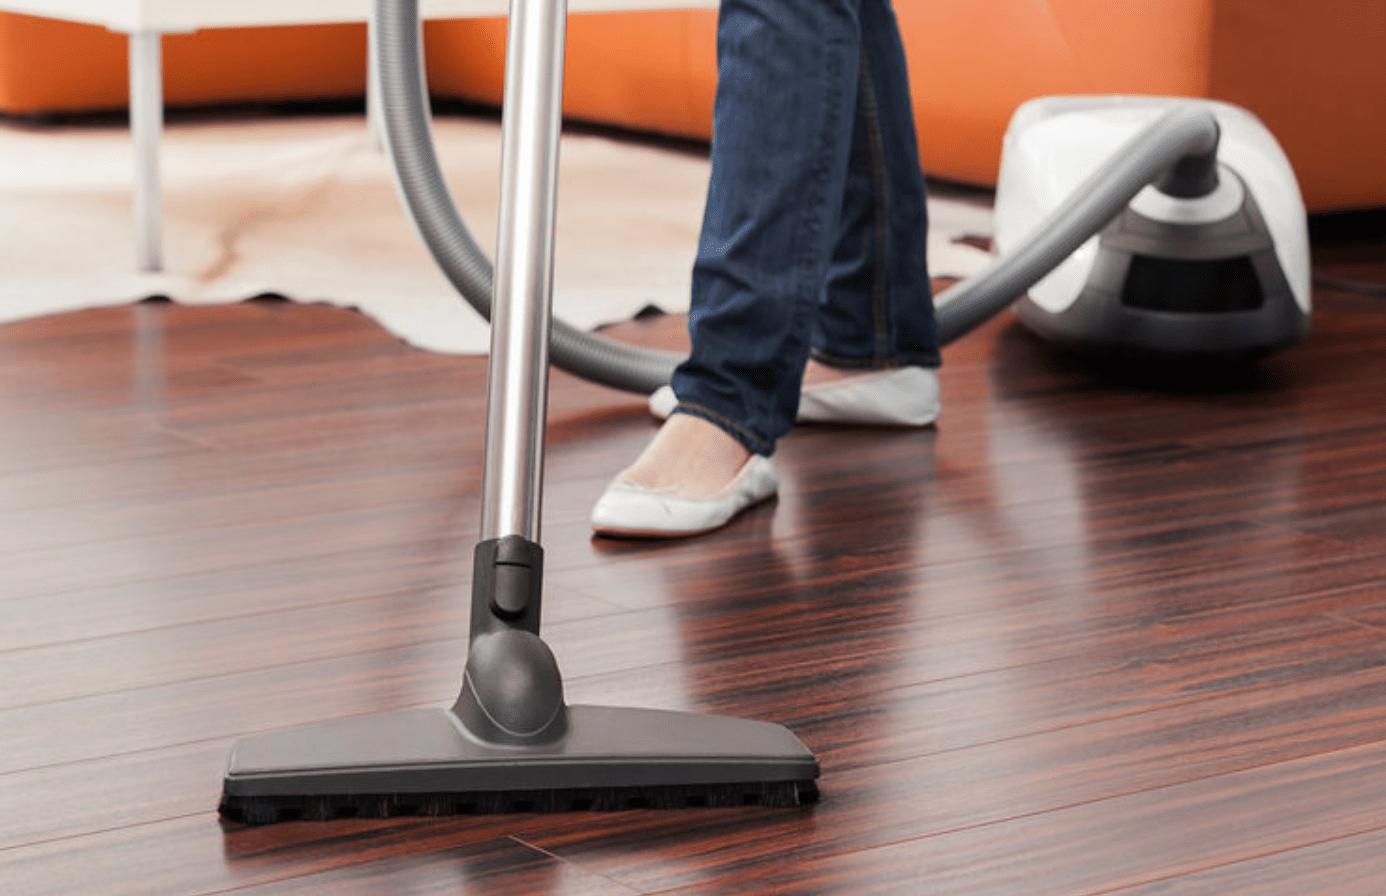 Dùng máy hút bụi để làm sạch các bụi bẩn khó tiếp cận